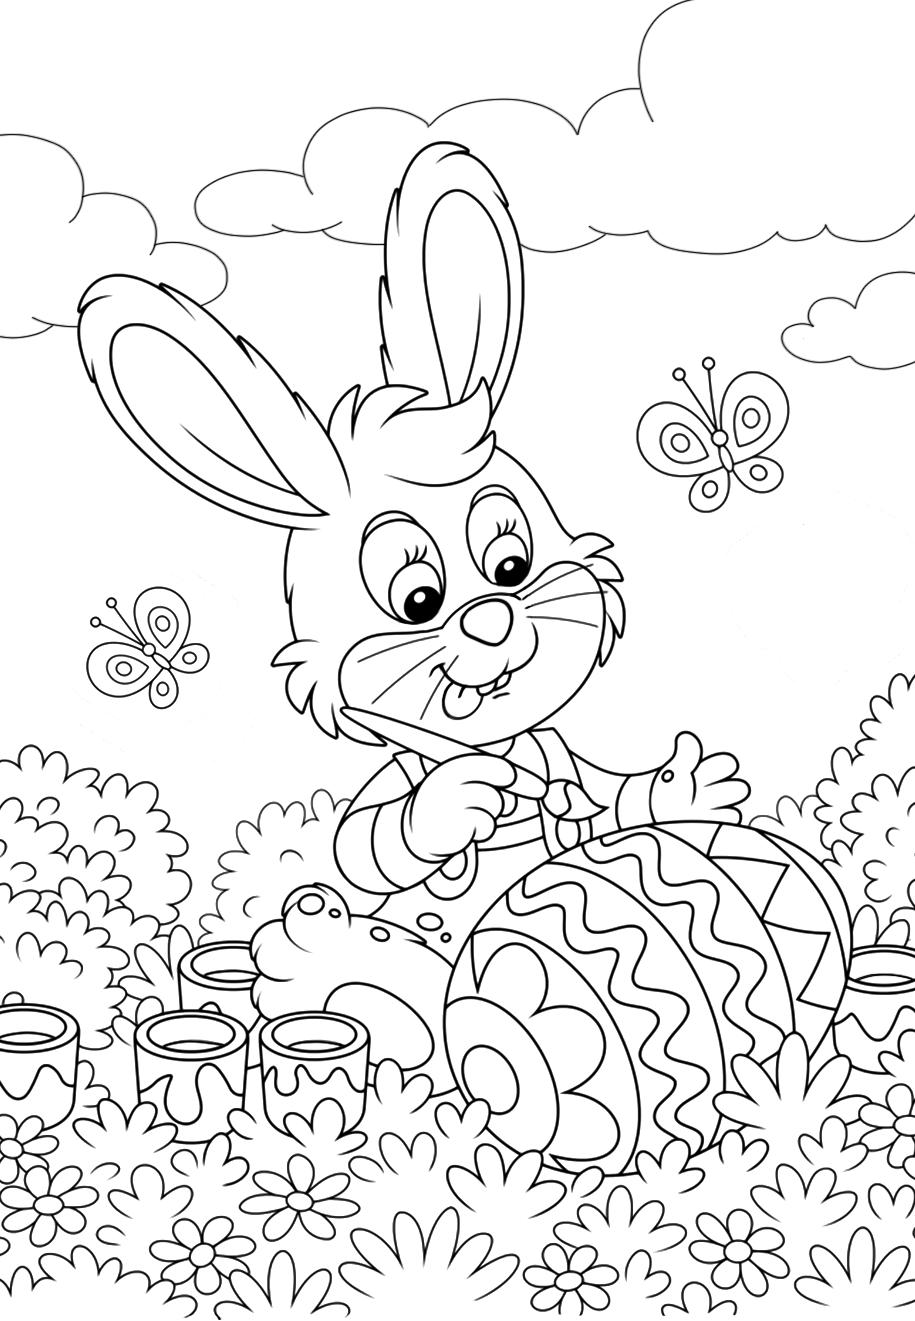 Раскраска яиц - Праздники - Раскраски антистресс